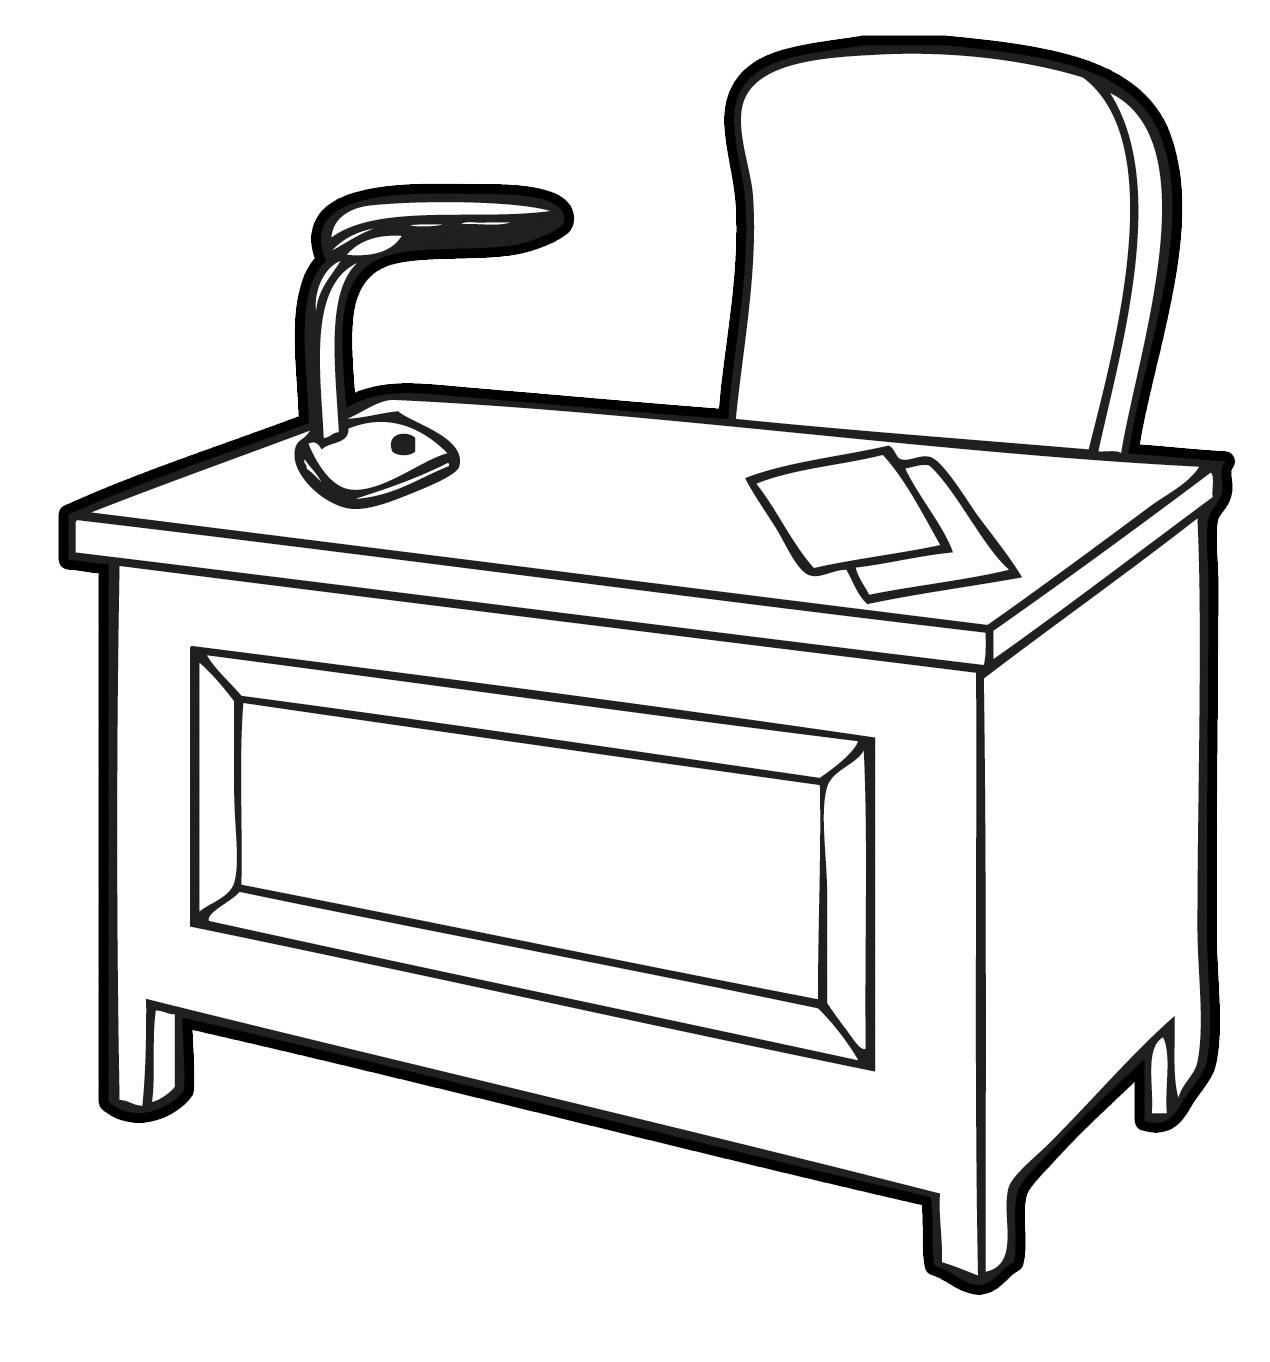 Desk Clipart Home Desk Desk Home Desk Transparent Free